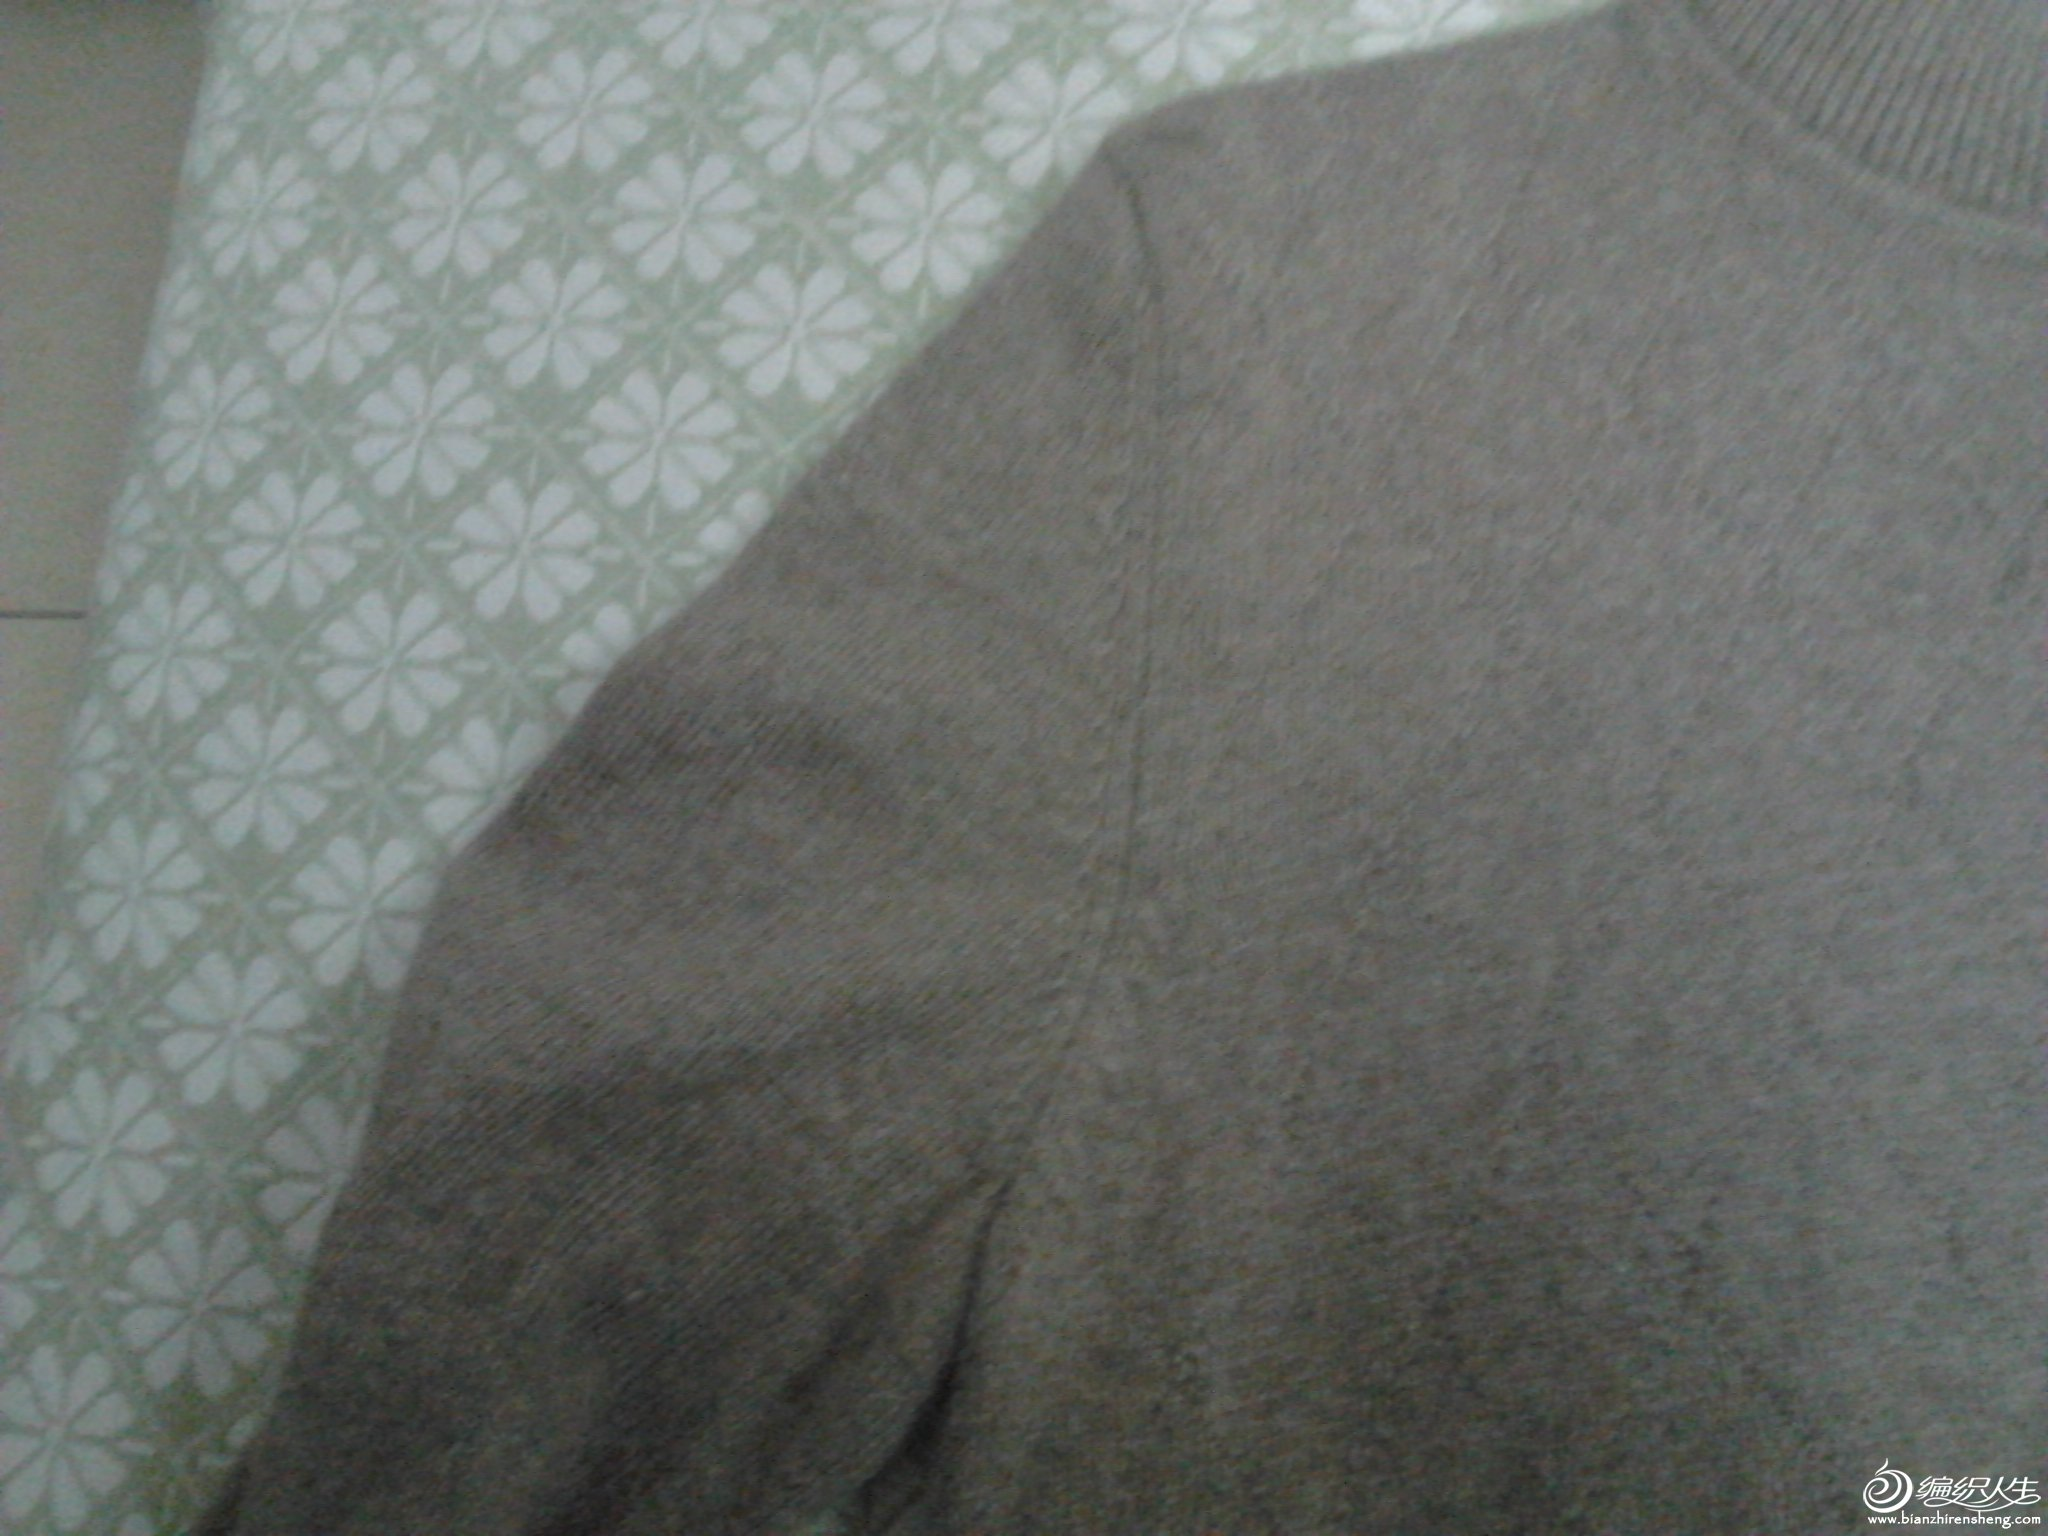 2012-03-12 19.13.33.jpg